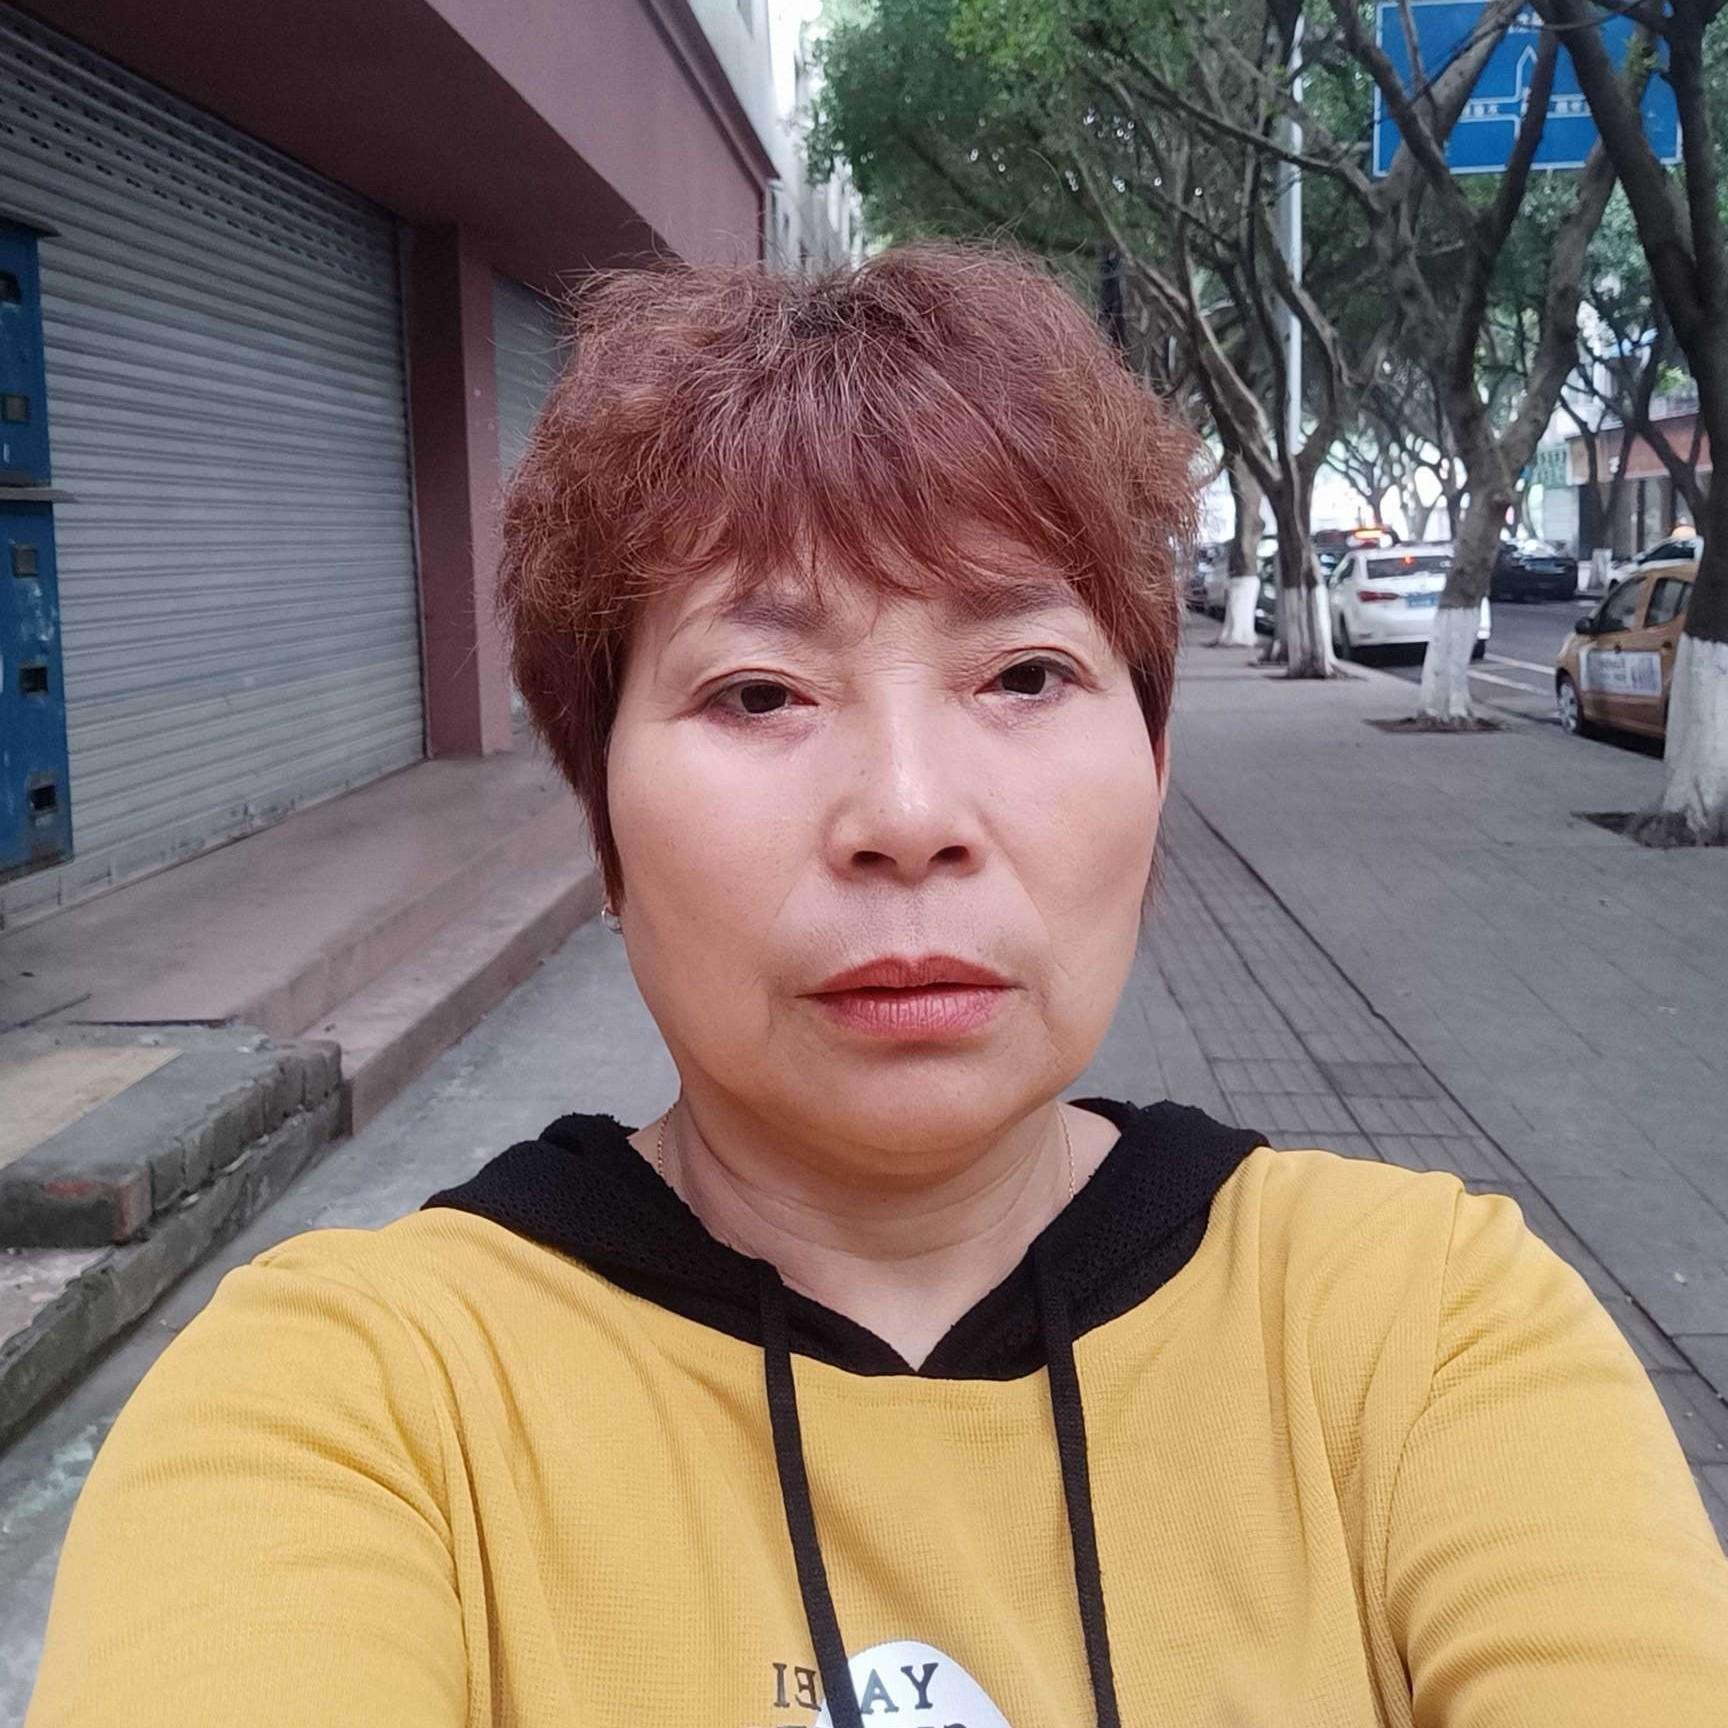 樱姐的照片